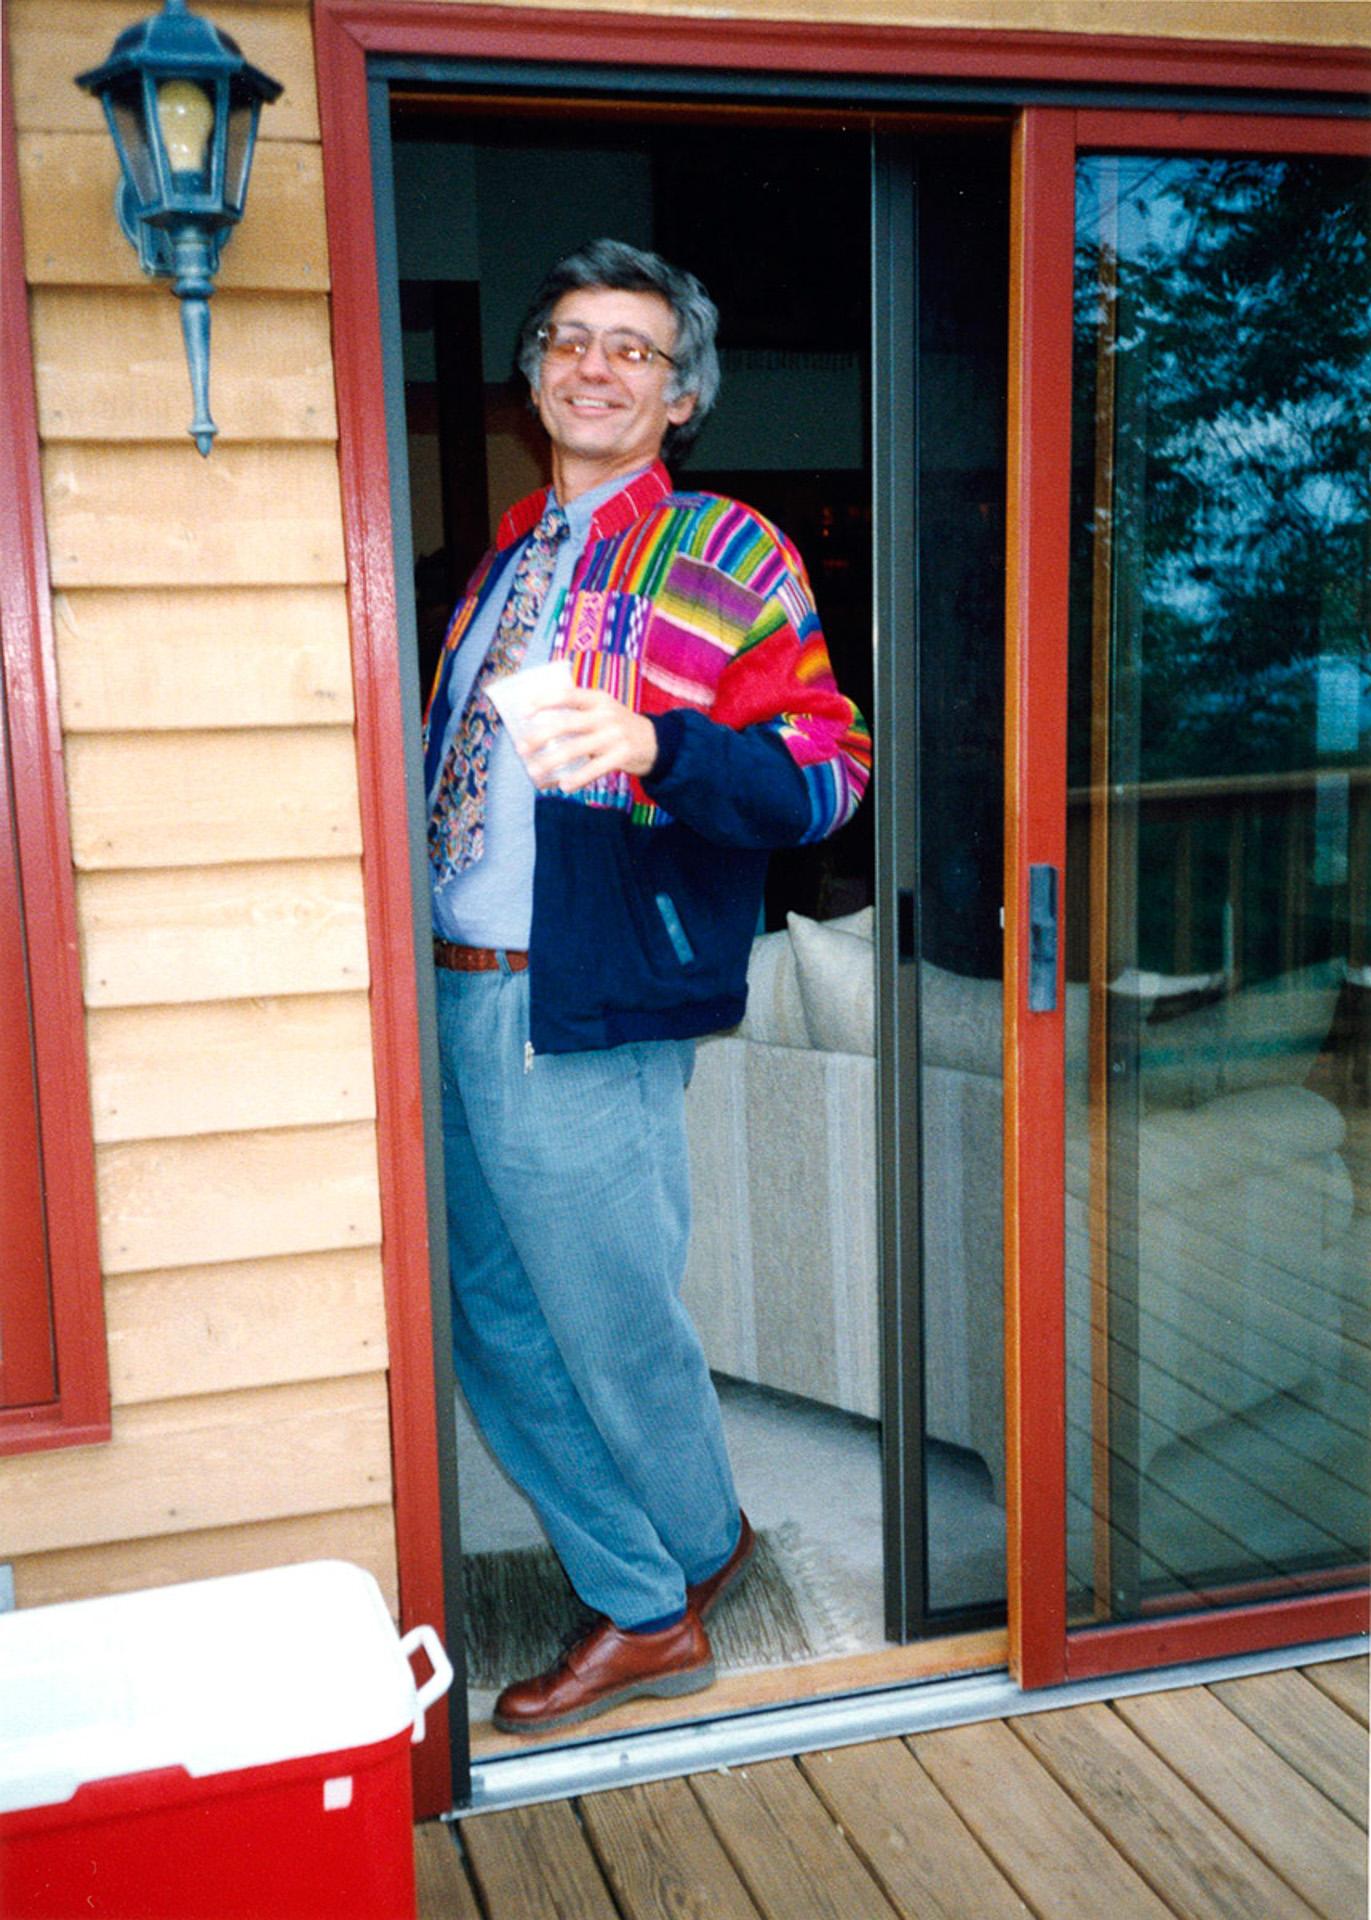 39-Homecoming-Bob-Connie-Loucks-1992b_1600px_1920px.jpg